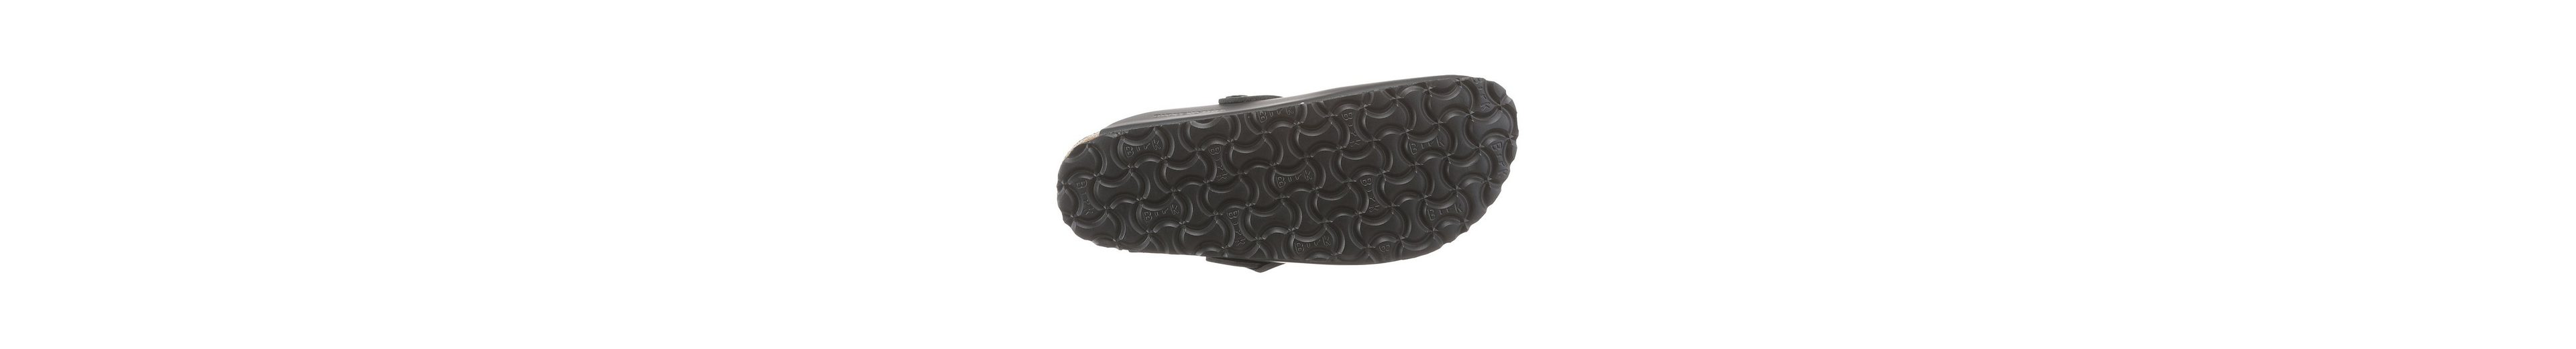 Birkenstock BOSTON Clog, in schmaler Schuhweite und klassischem Look